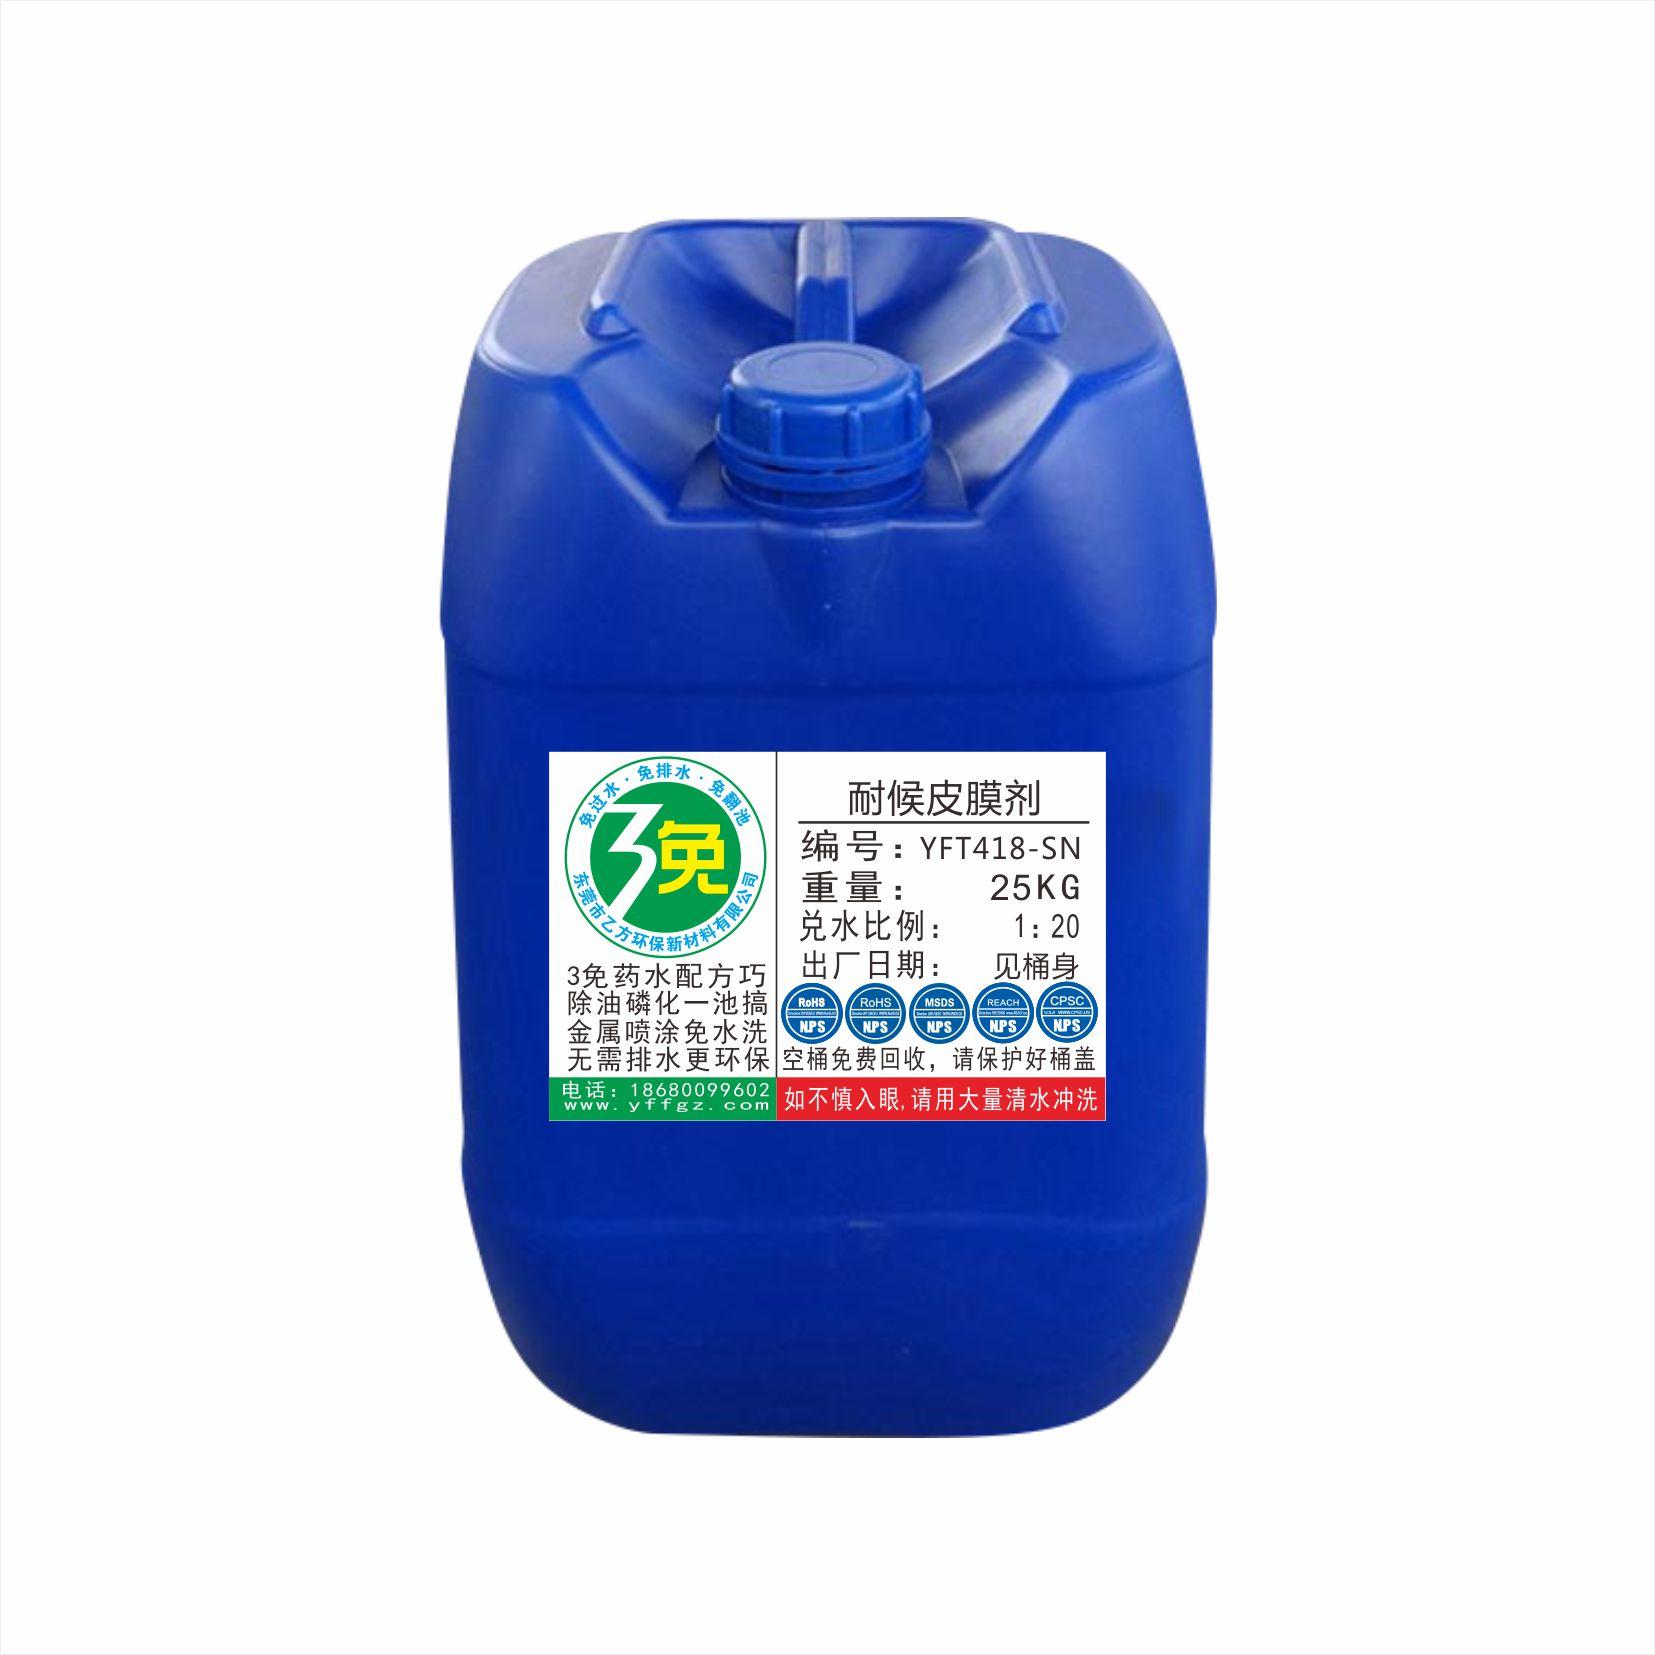 耐候皮膜剂无磷无锌无锆陶化剂磷化除浮锈皮膜防锈防腐蚀金属通用